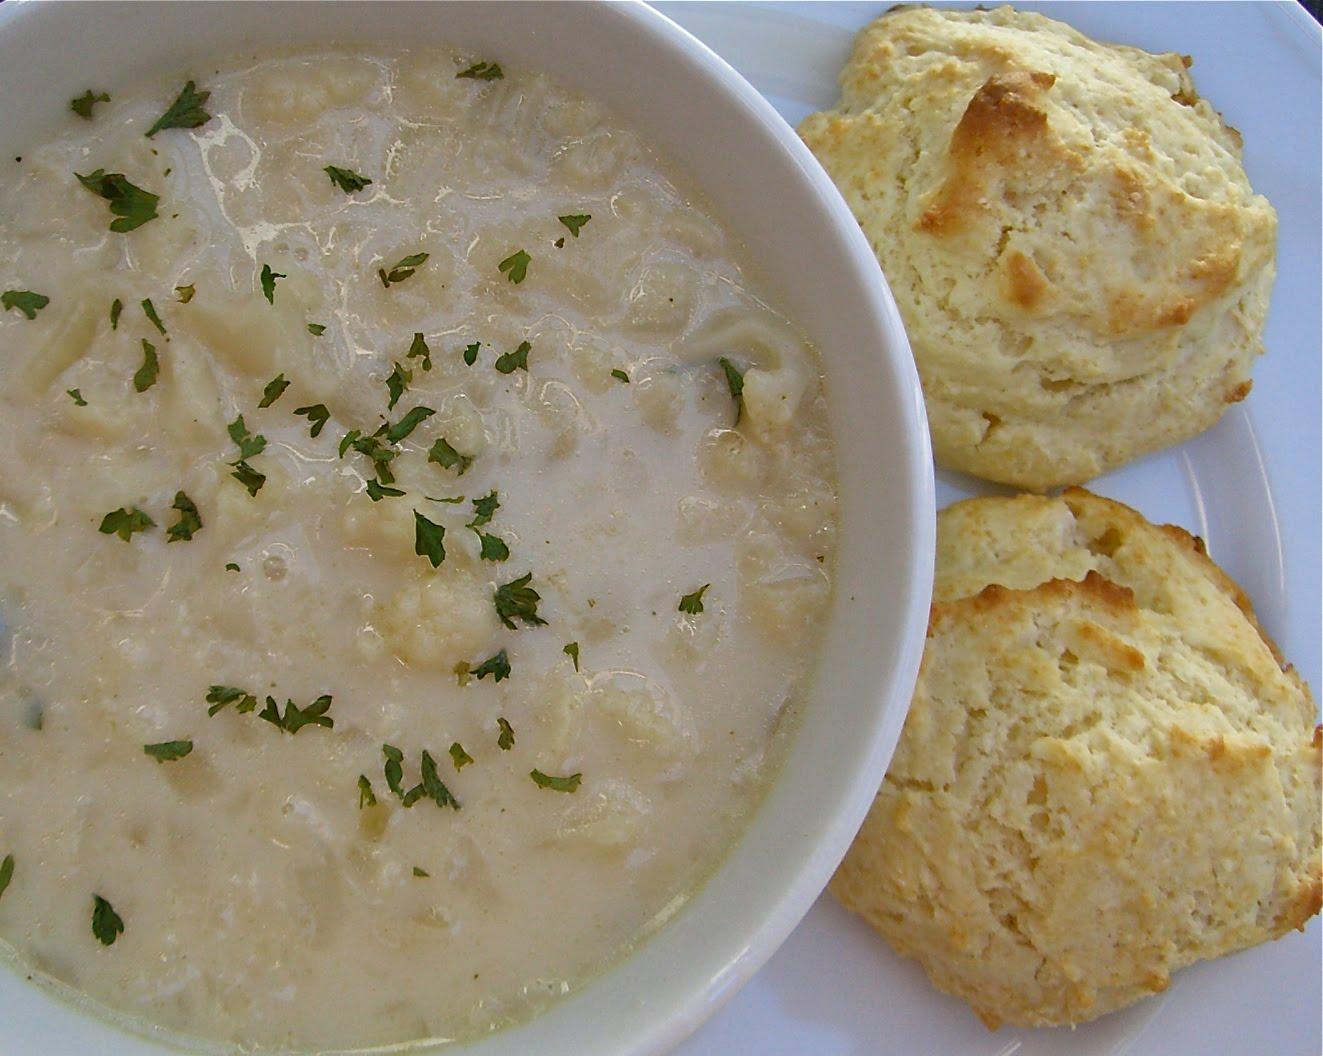 Cream of Cauliflower Soup & Buttermilk Biscuits | Lauren's Latest